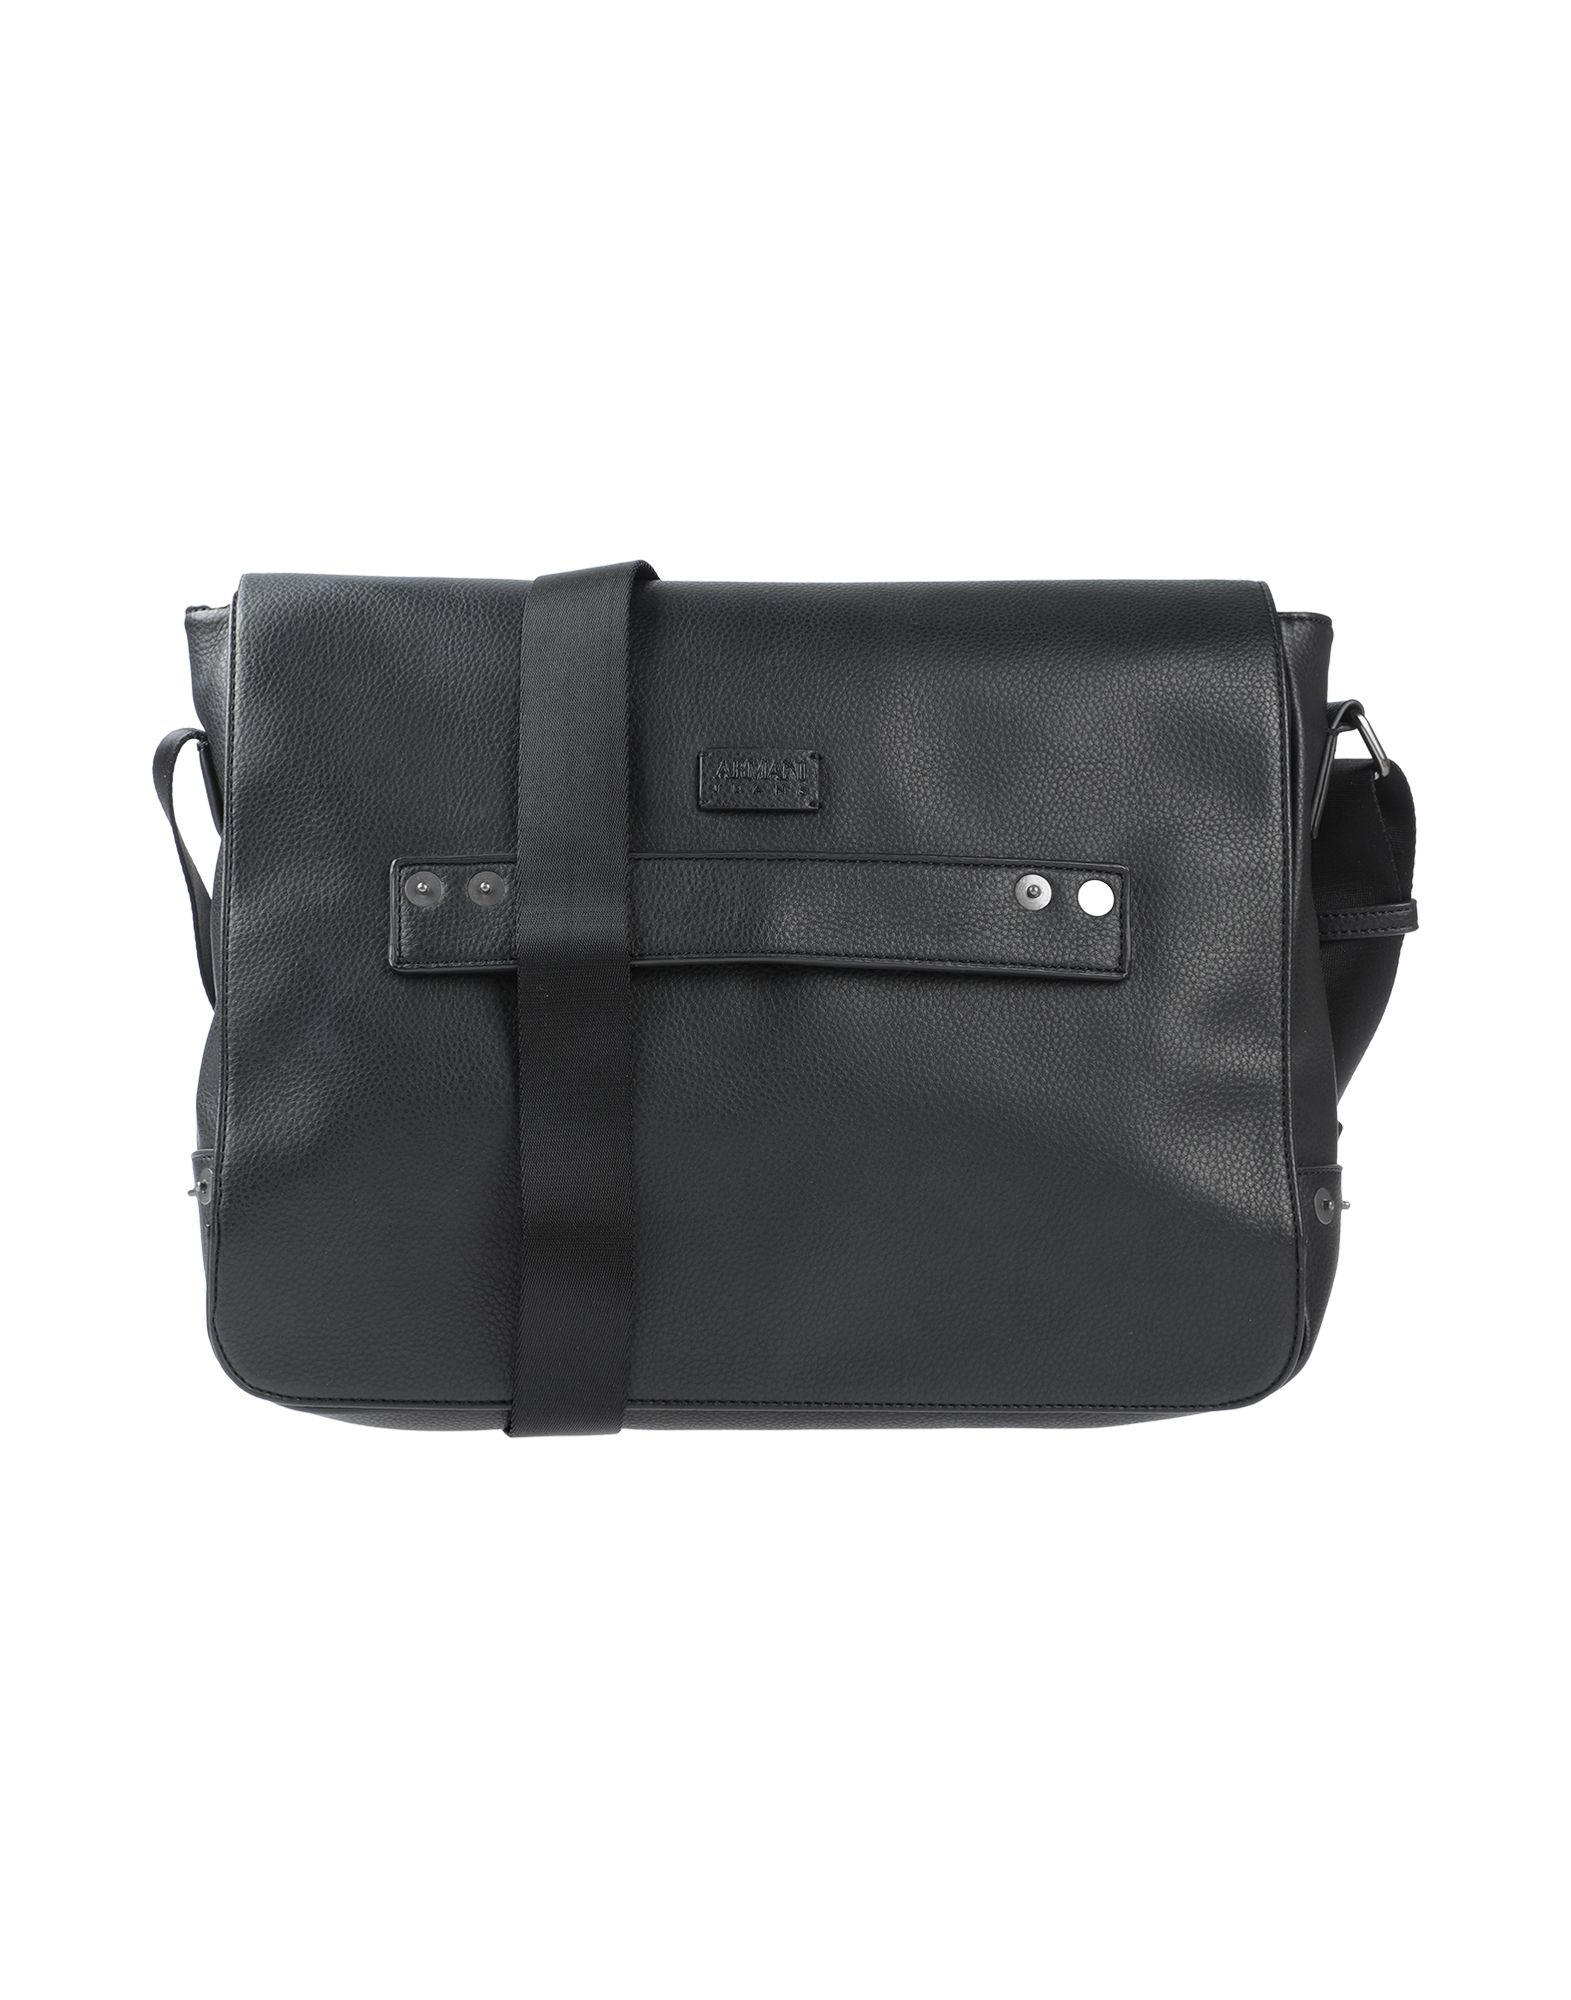 ARMANI JEANS Сумка через плечо сумка armani jeans 932530 cc991 00020